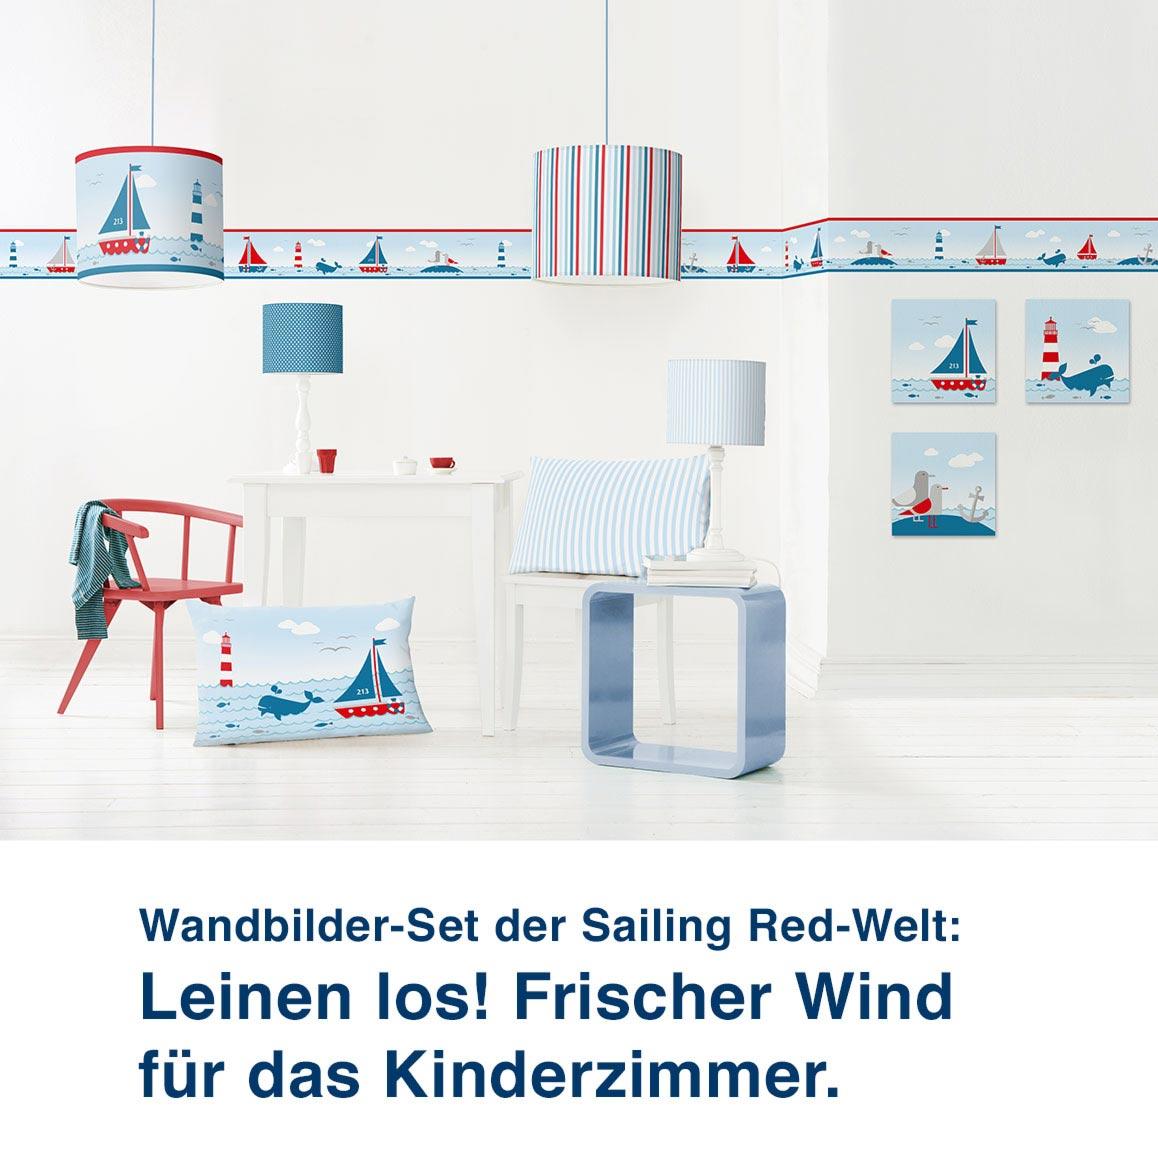 Wandbilder-Set im maritimen Design, Sailing Red